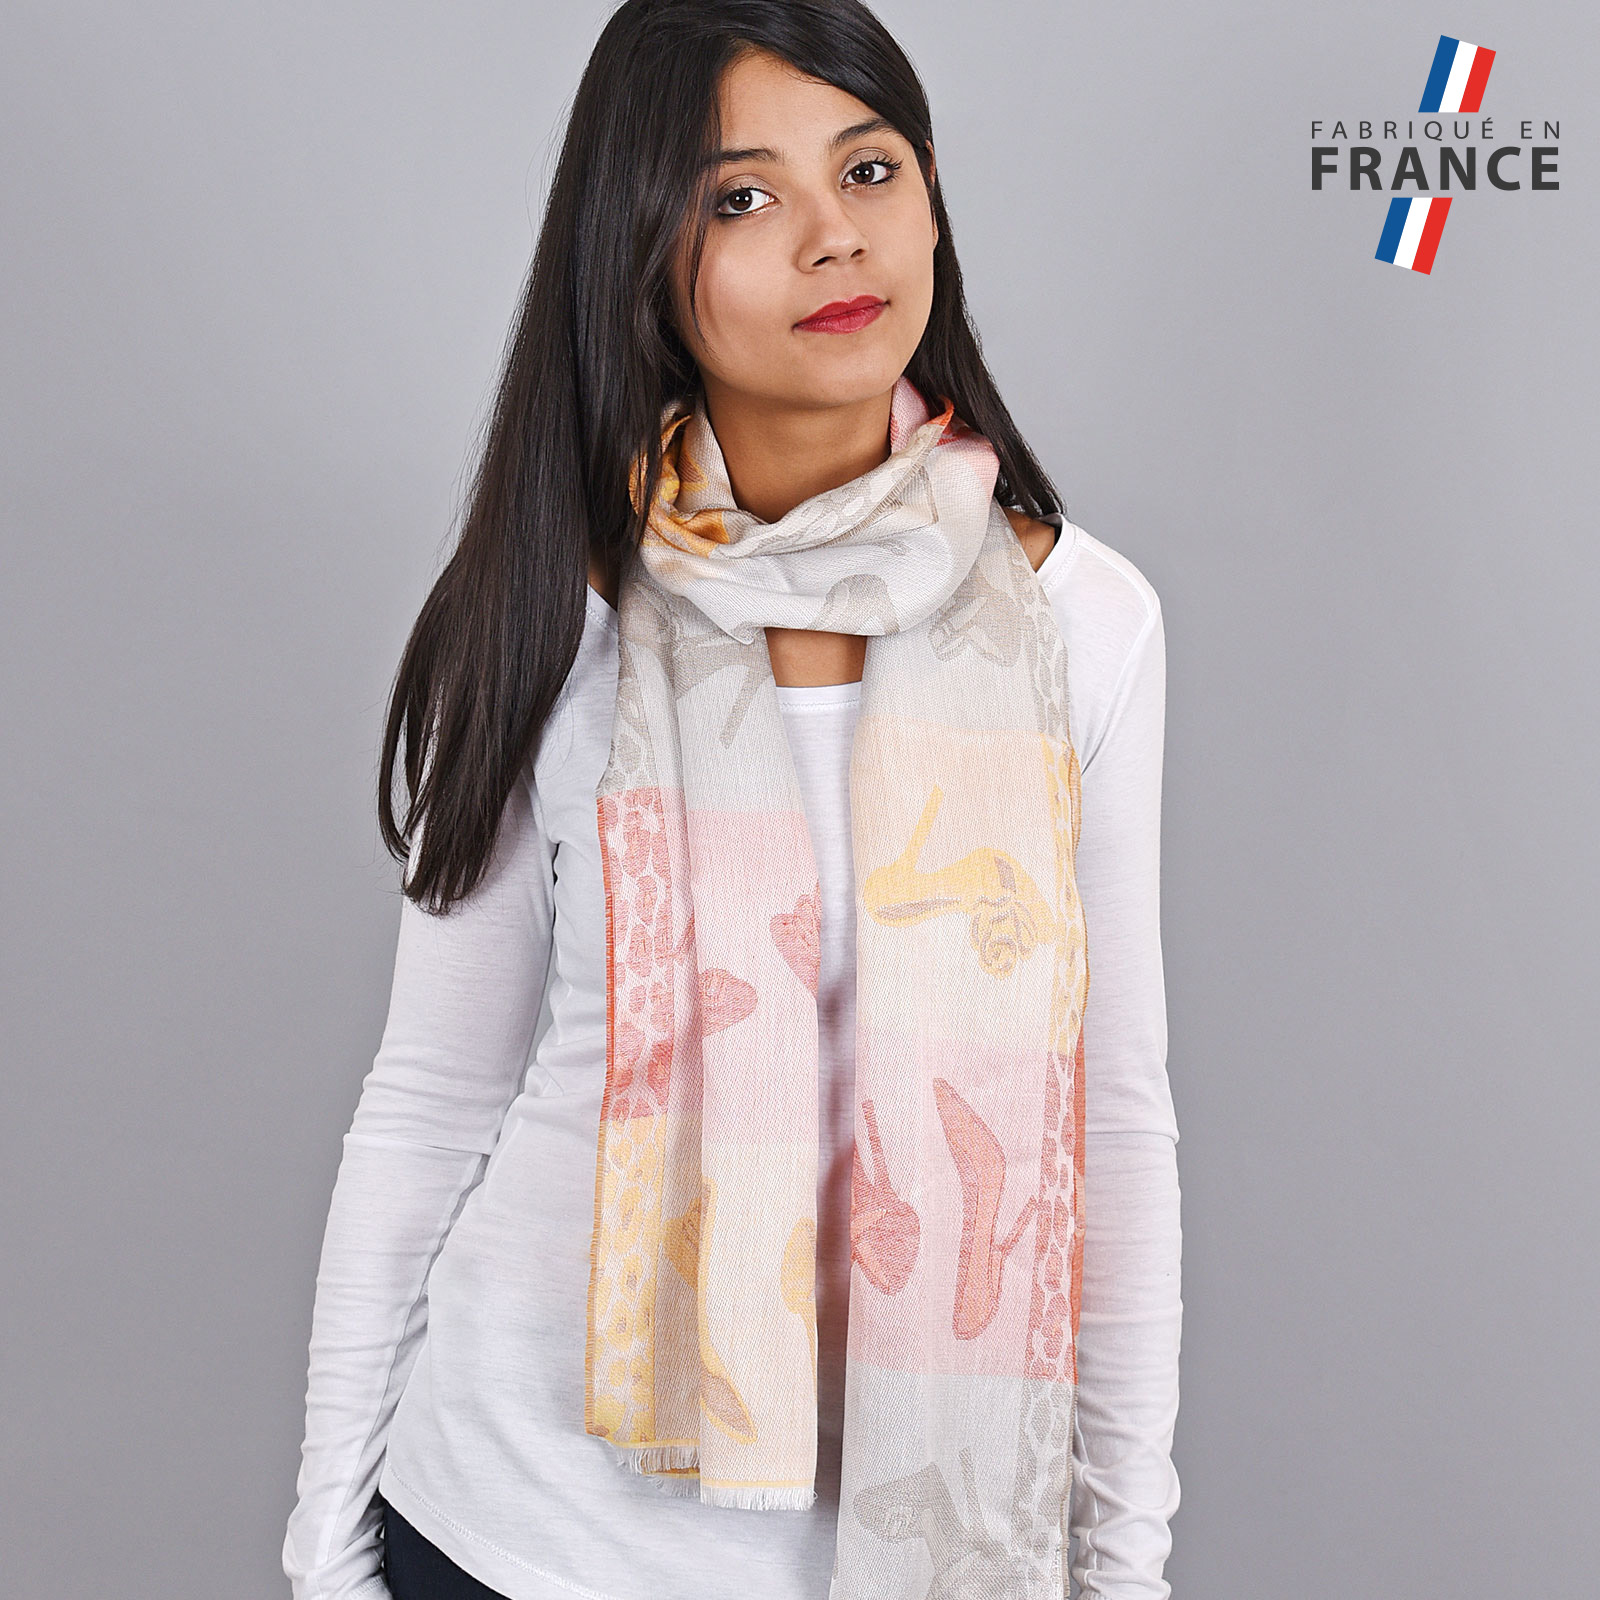 AT-04198-VF16-LB_FR-echarpe-femme-jaune-oranges-fabrication-france